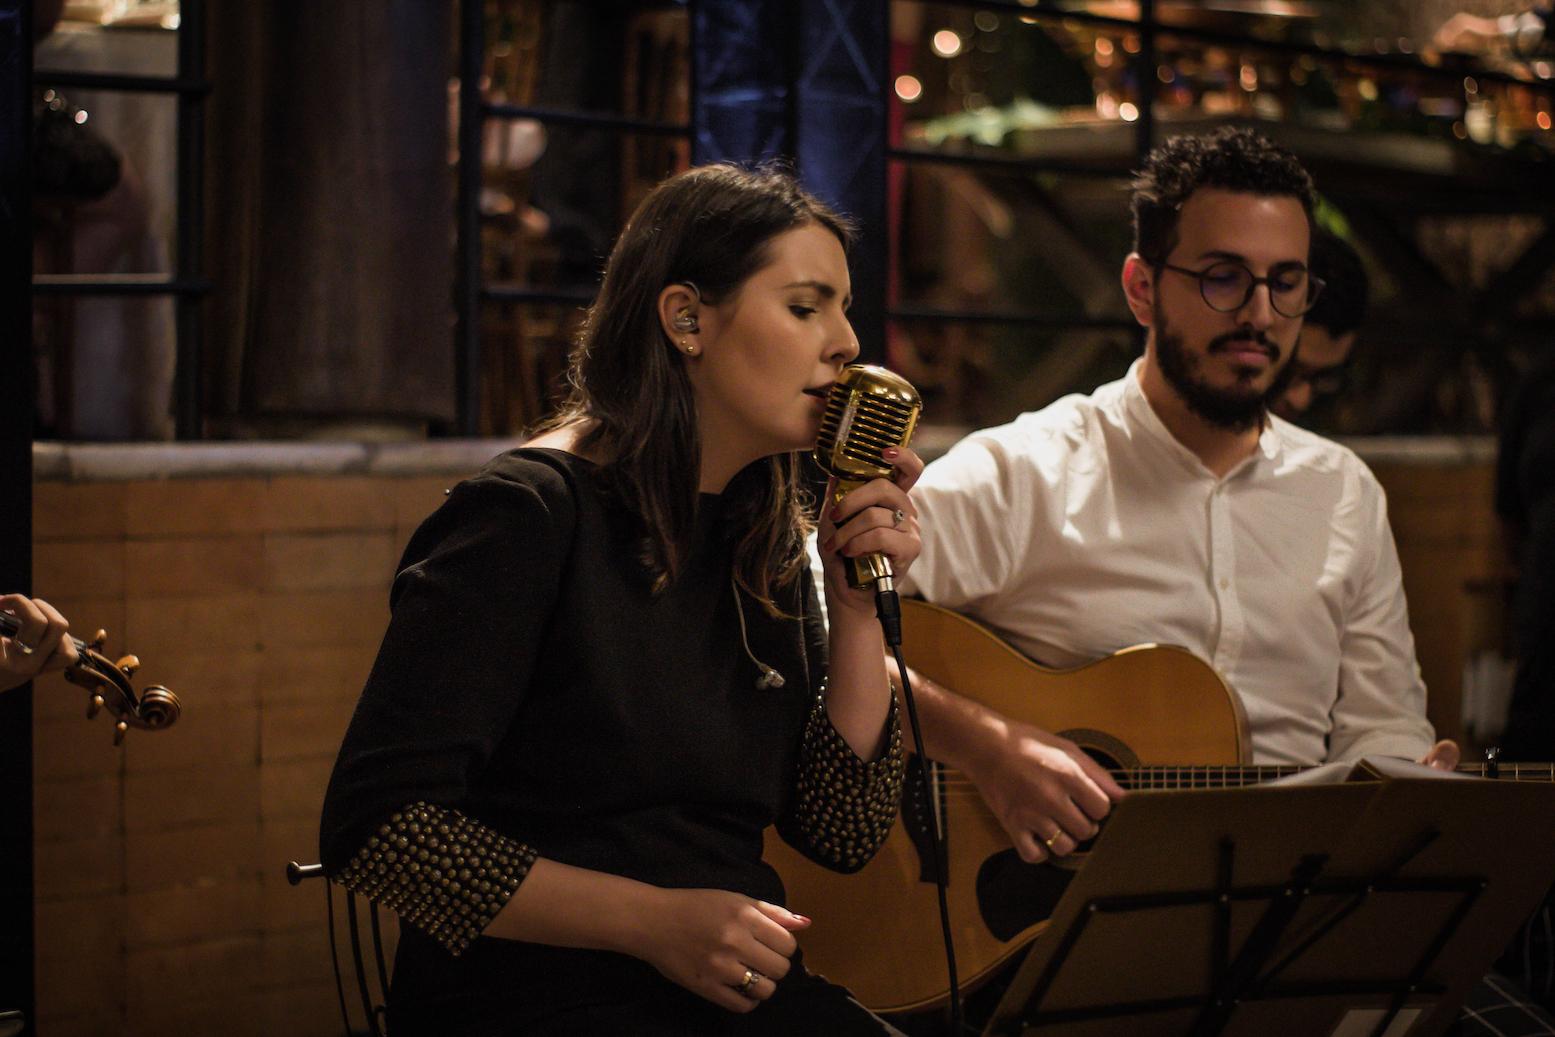 Casamento Nathalia e Rafael Voz Violão e Violino 05